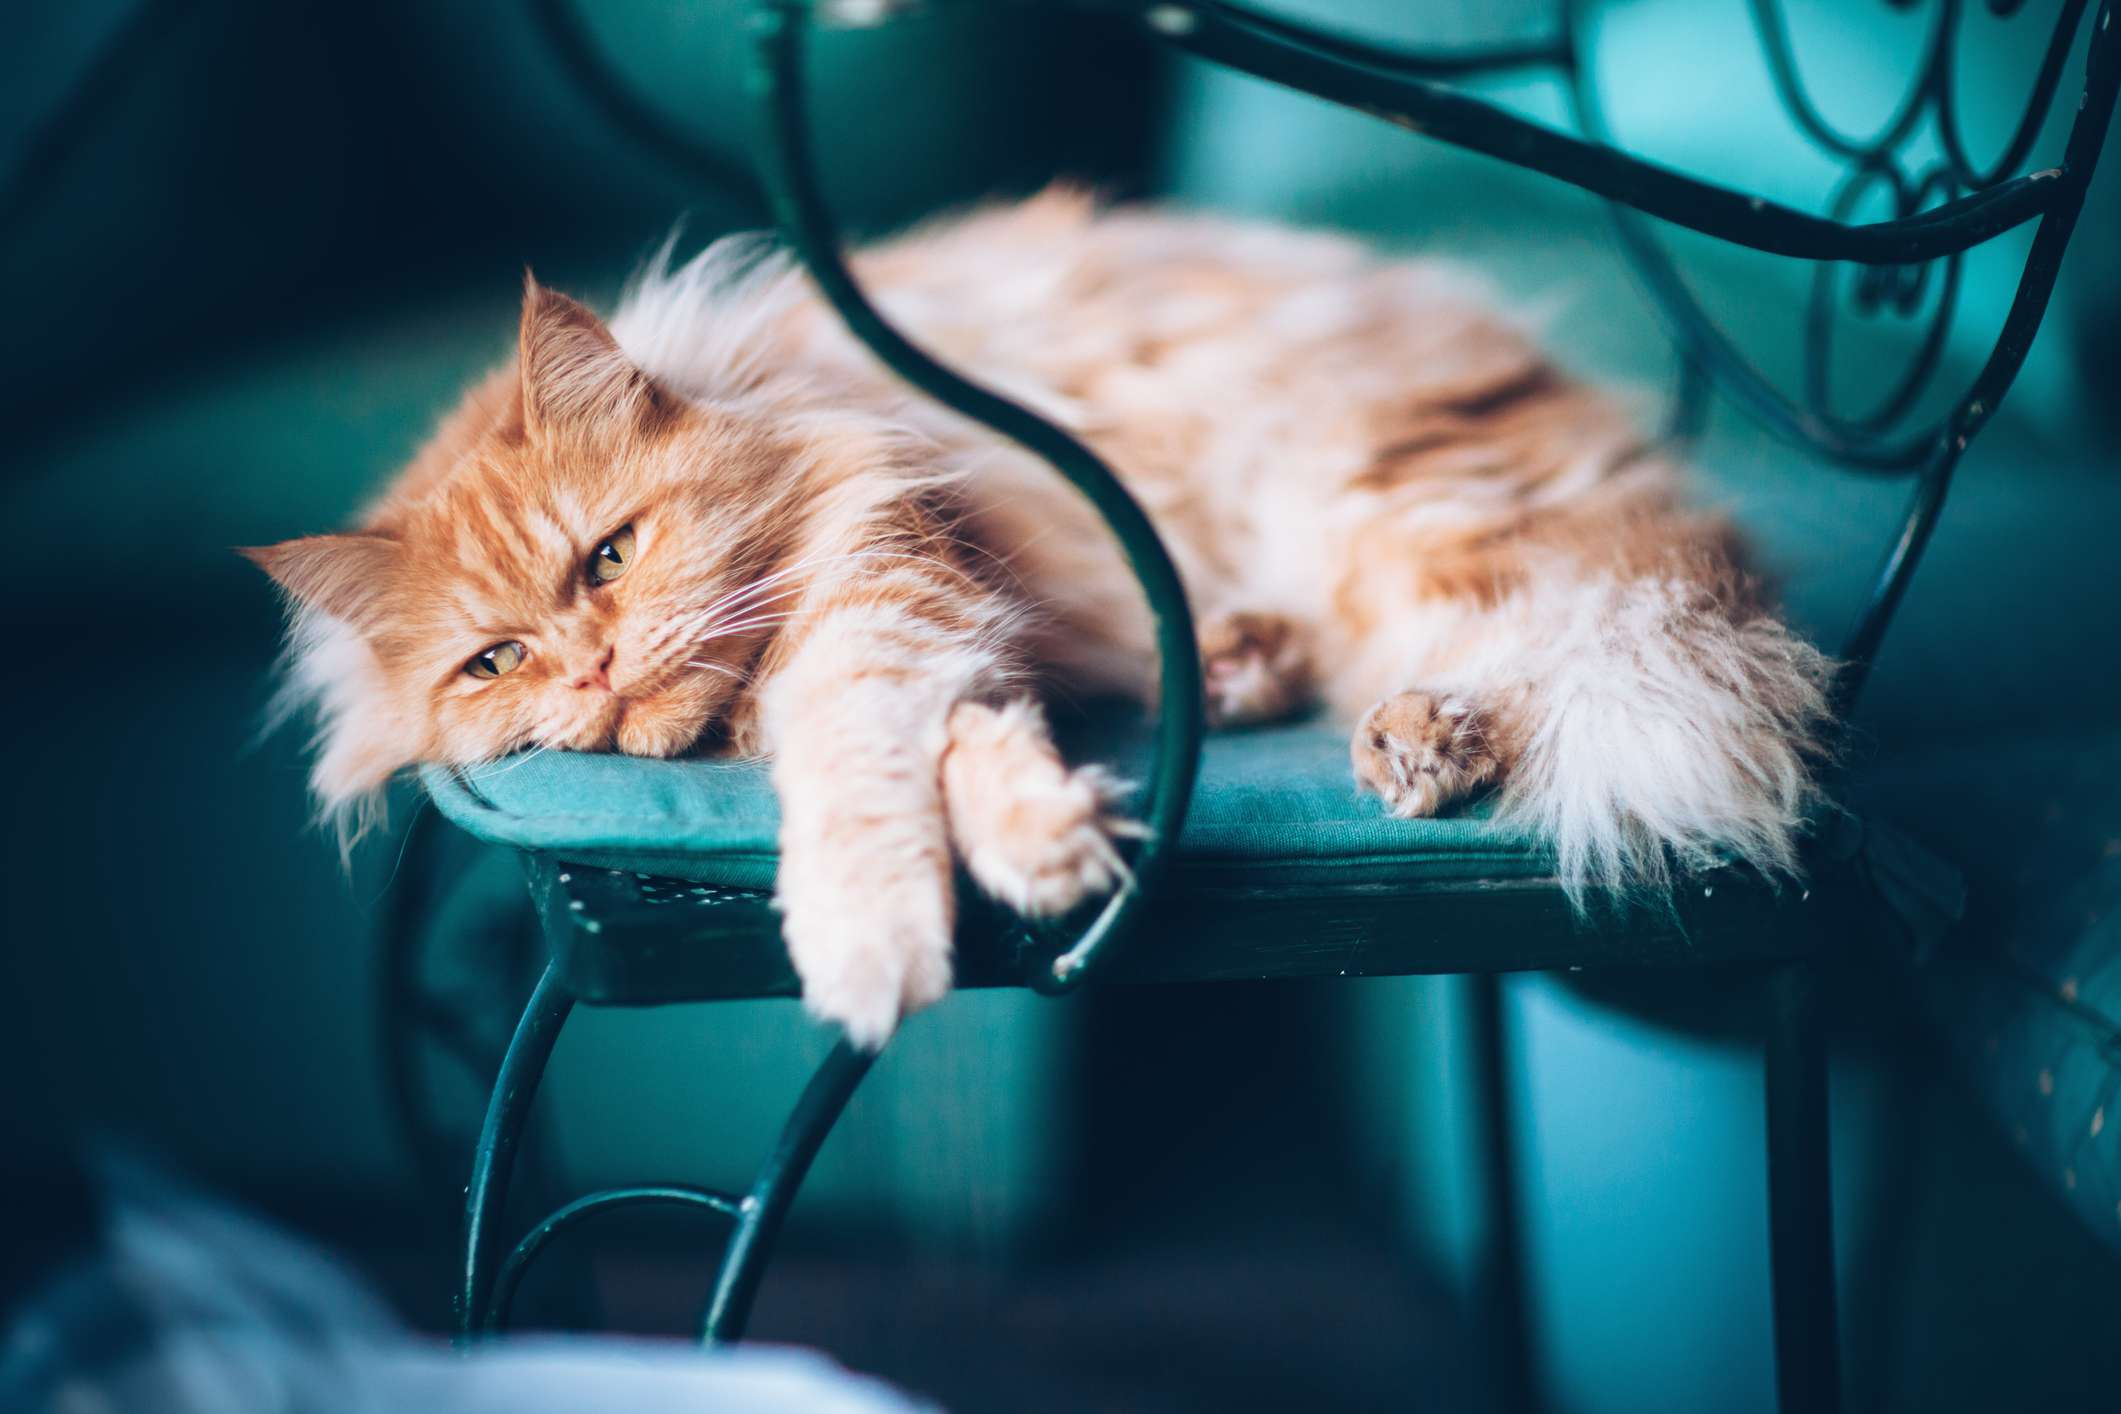 Jengibre gato persa en el asiento